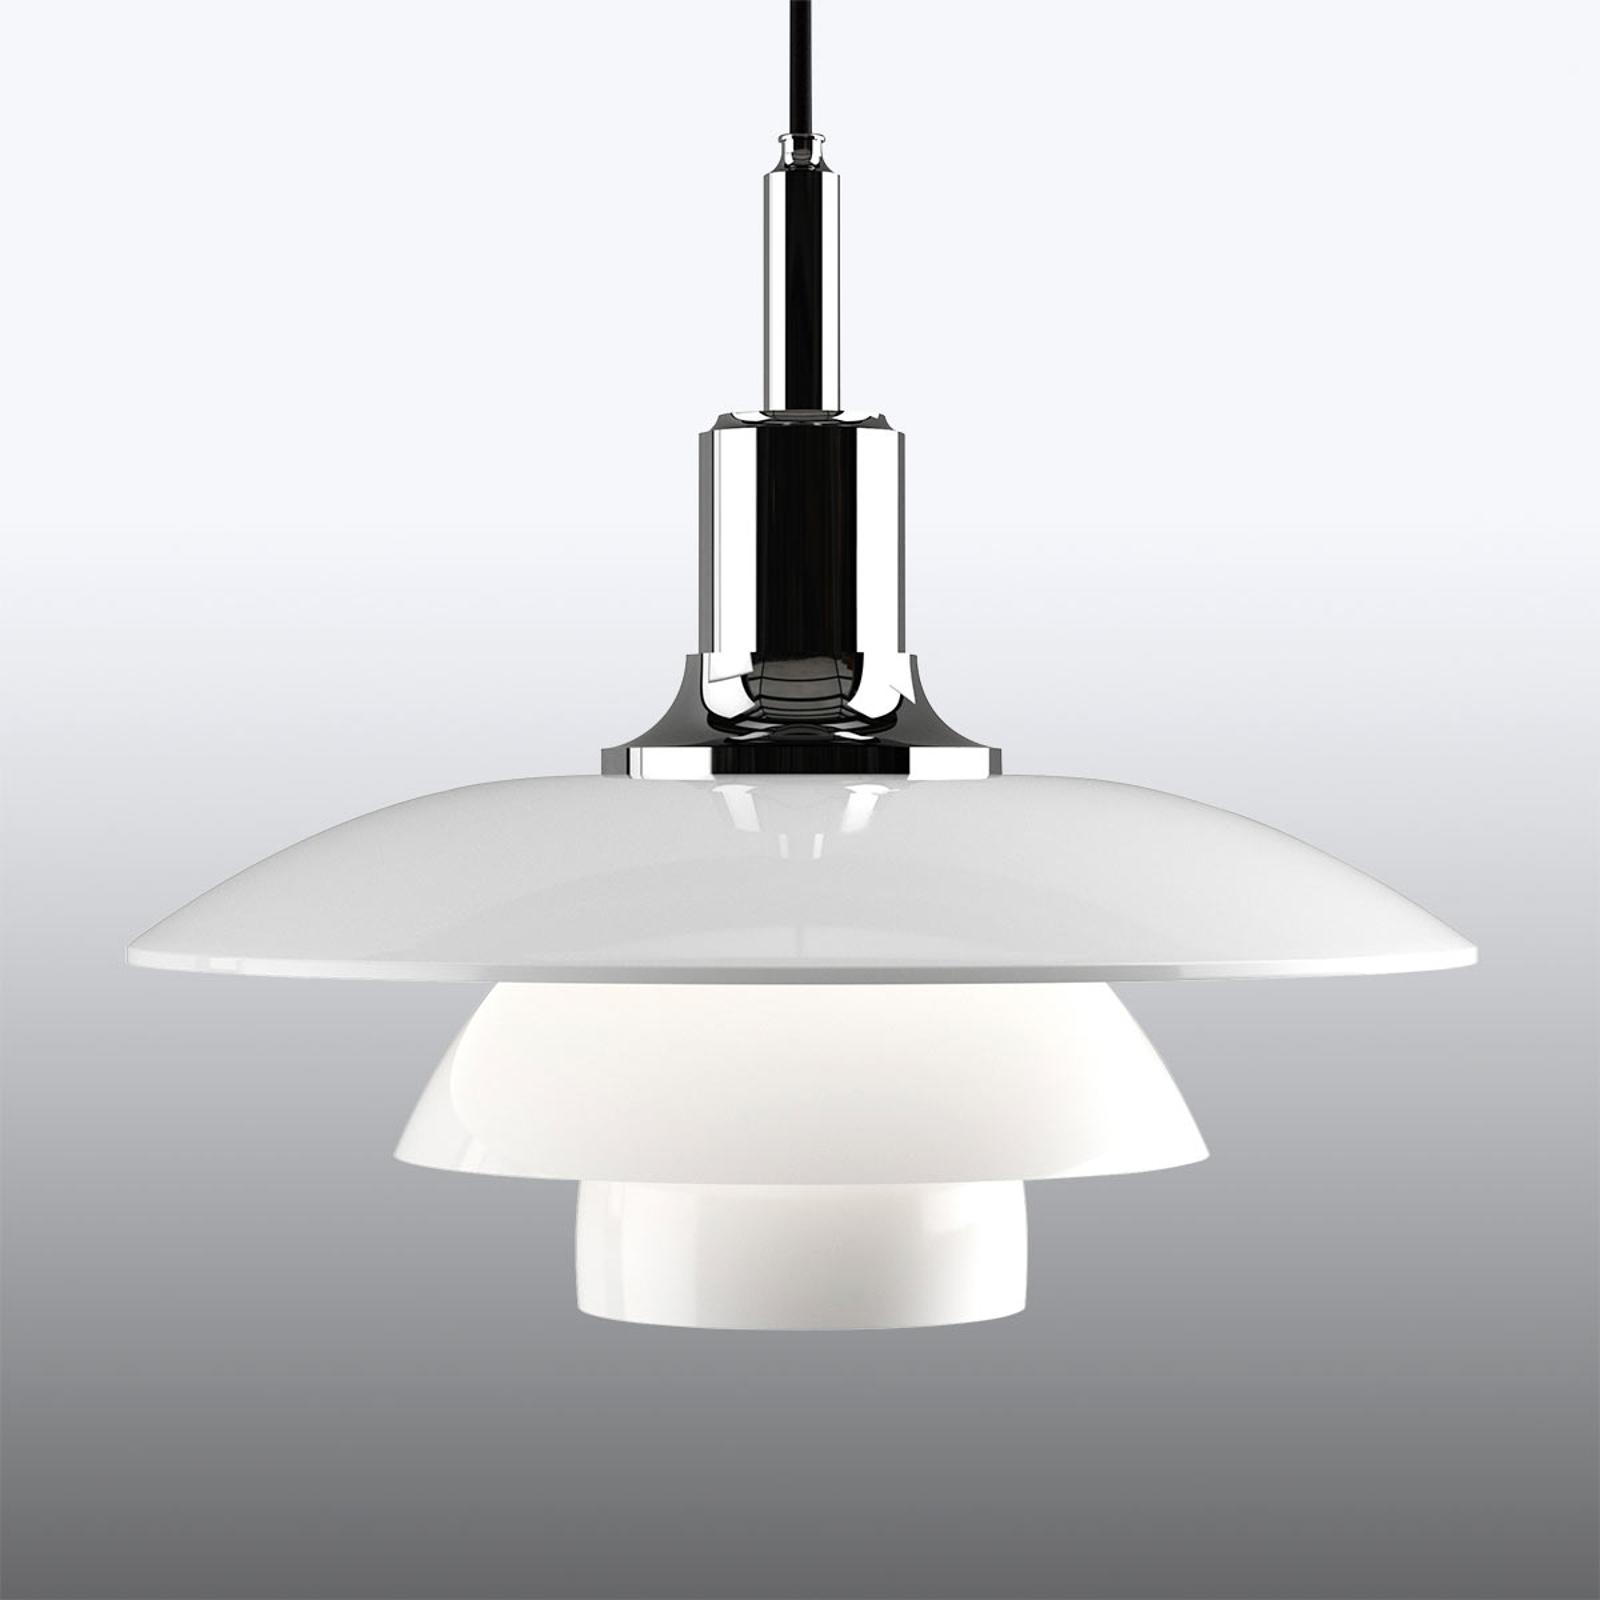 Decoratieve hanglamp PH 3/2, chroom